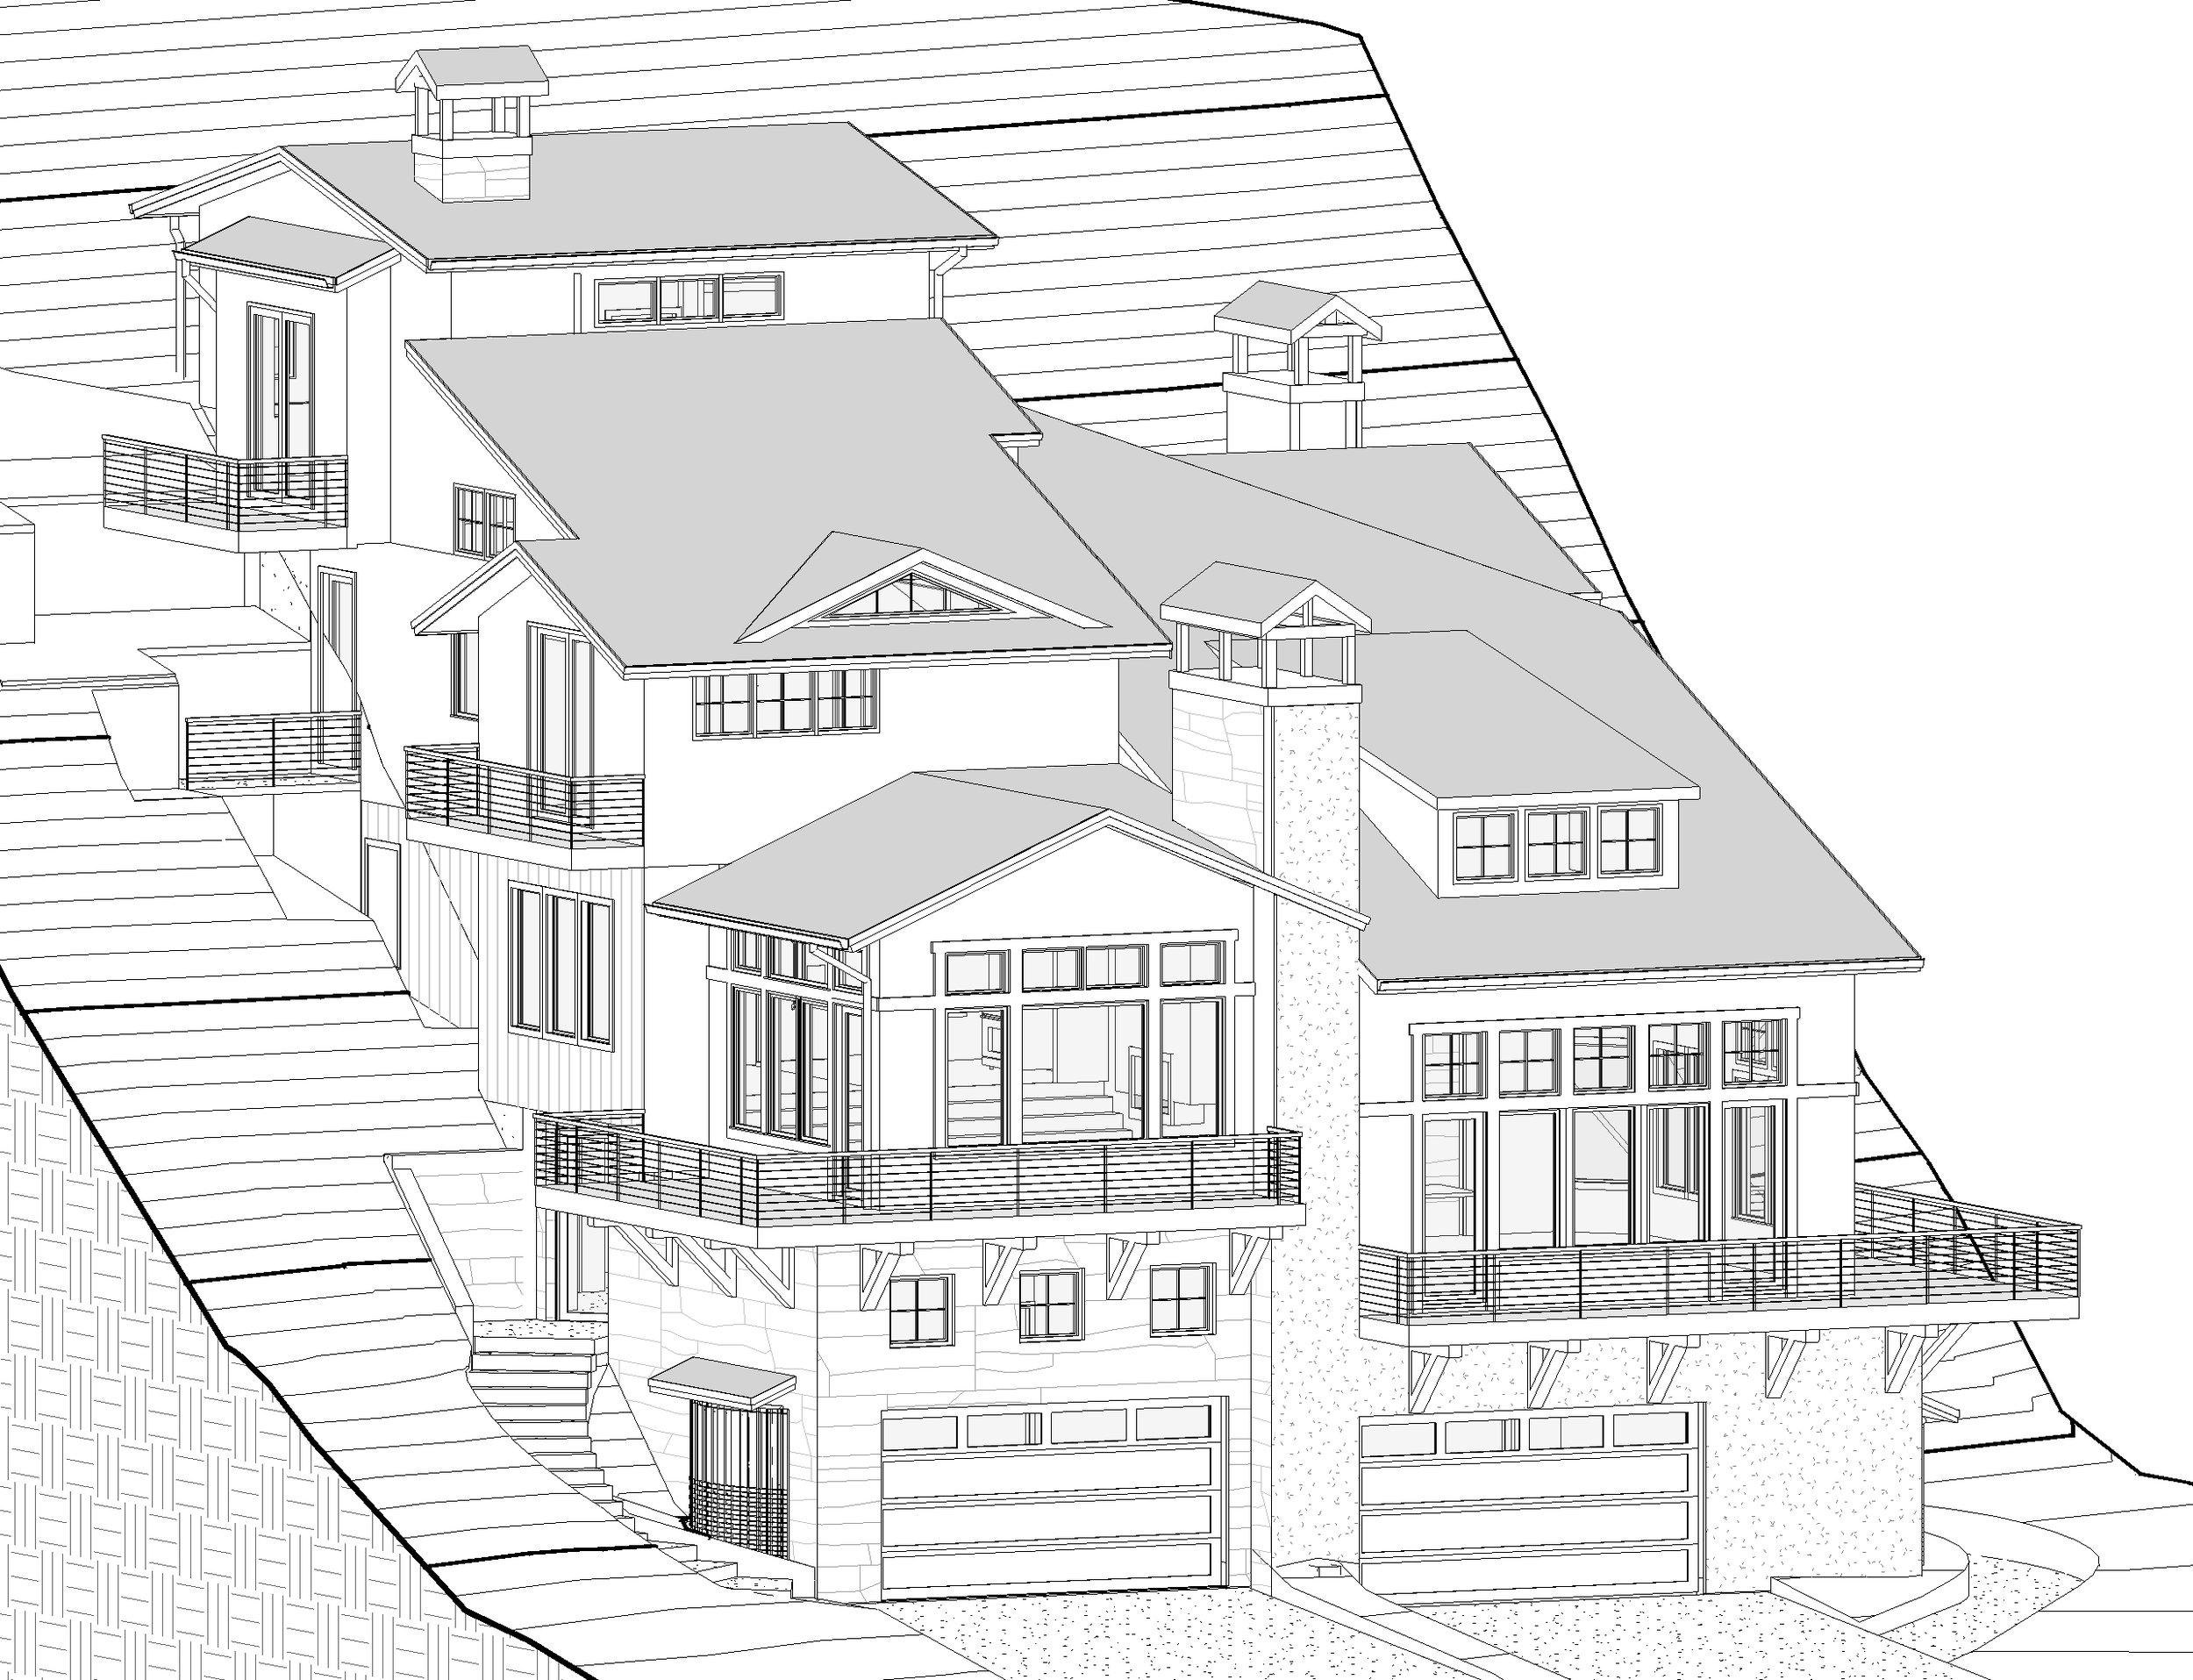 Vail Duplex8 - 3D View - Axon For Sheet.jpg